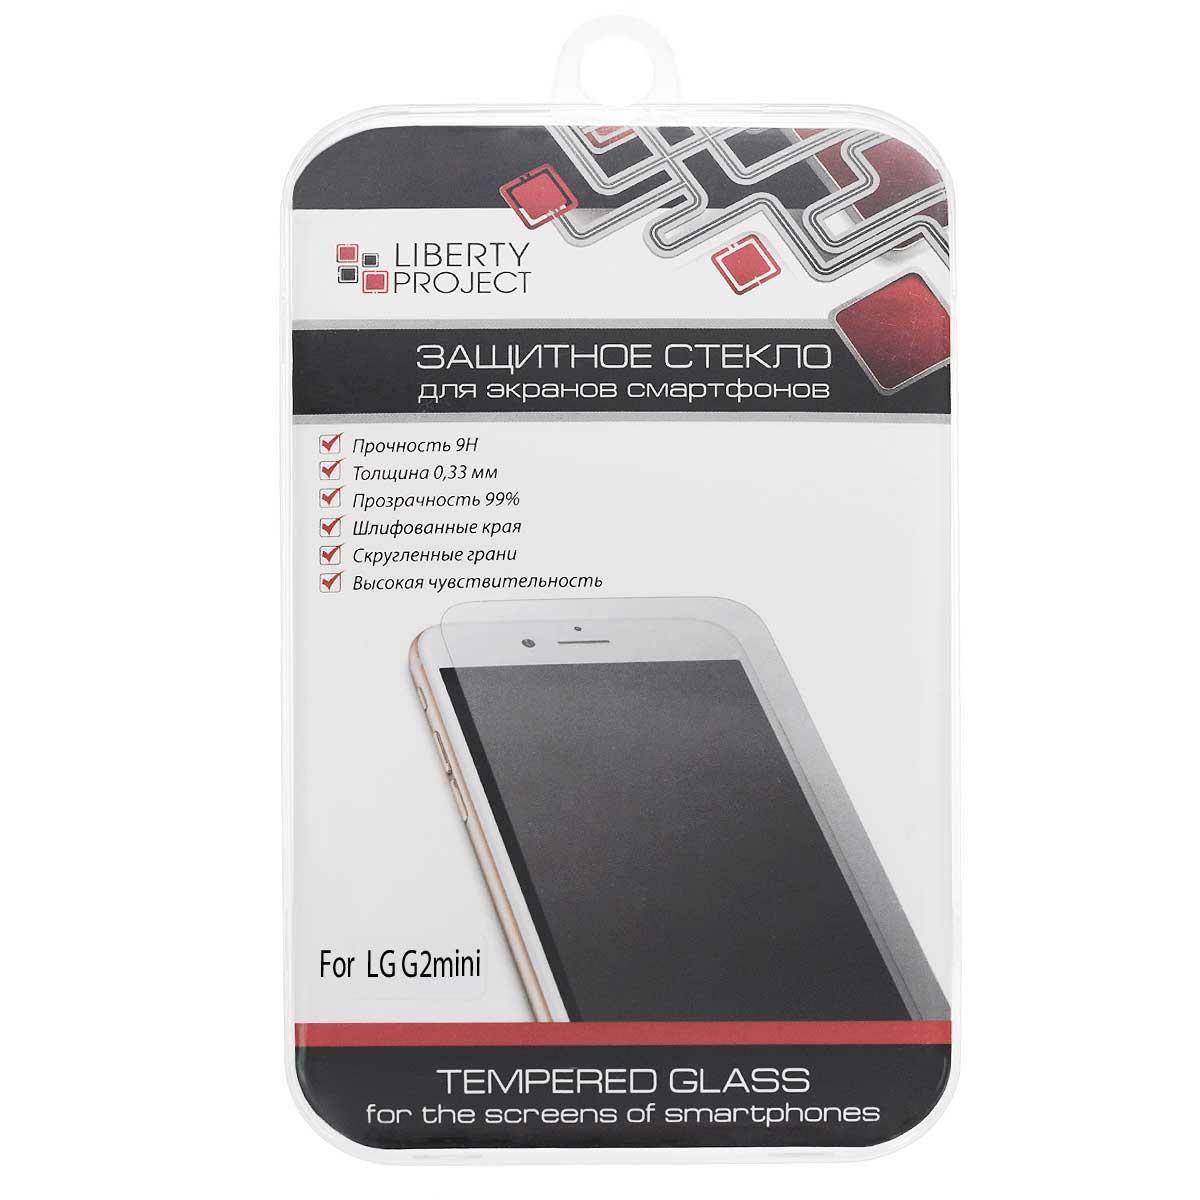 Liberty Project Tempered Glass защитное стекло для LG G2 mini, Clear (0,33 мм)0L-00000510Защитное стекло Liberty Project Tempered Glass предназначено для защиты поверхности экрана, от царапин, потертостей, отпечатков пальцев и прочих следов механического воздействия. Гарантирует высокую чувствительность при работе с устройством. Данная модель также обладает антибликовым и водоотталкивающим эффектом.